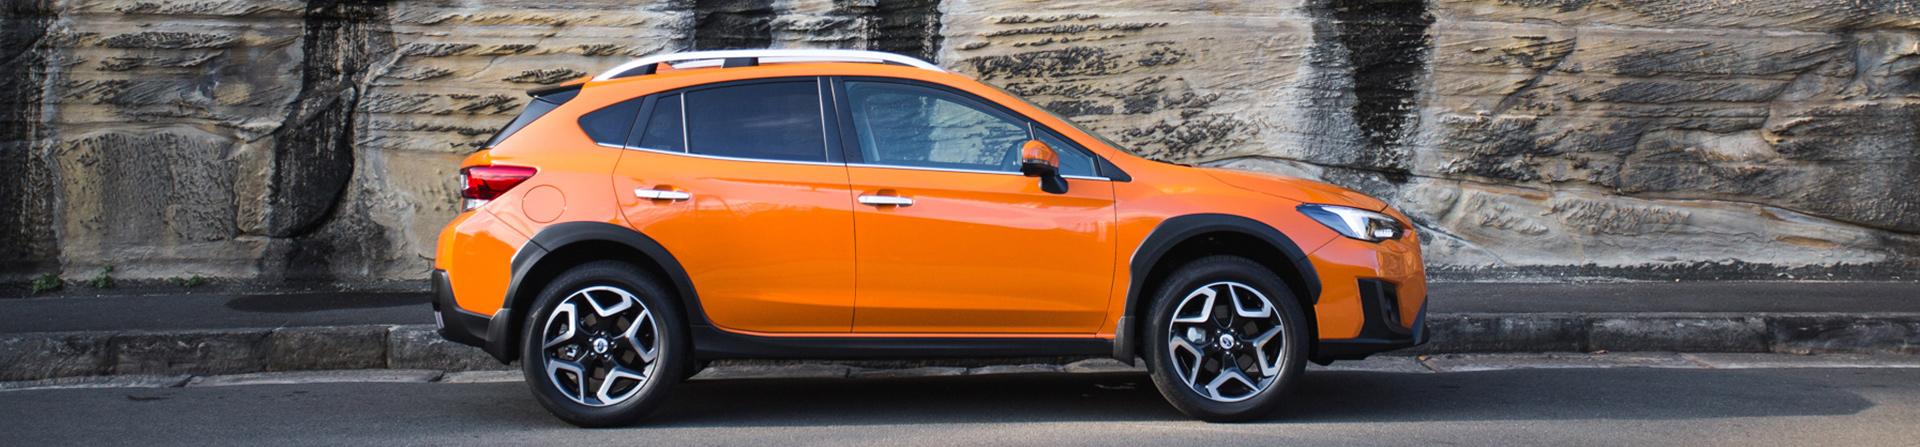 Subaru XV Image 1